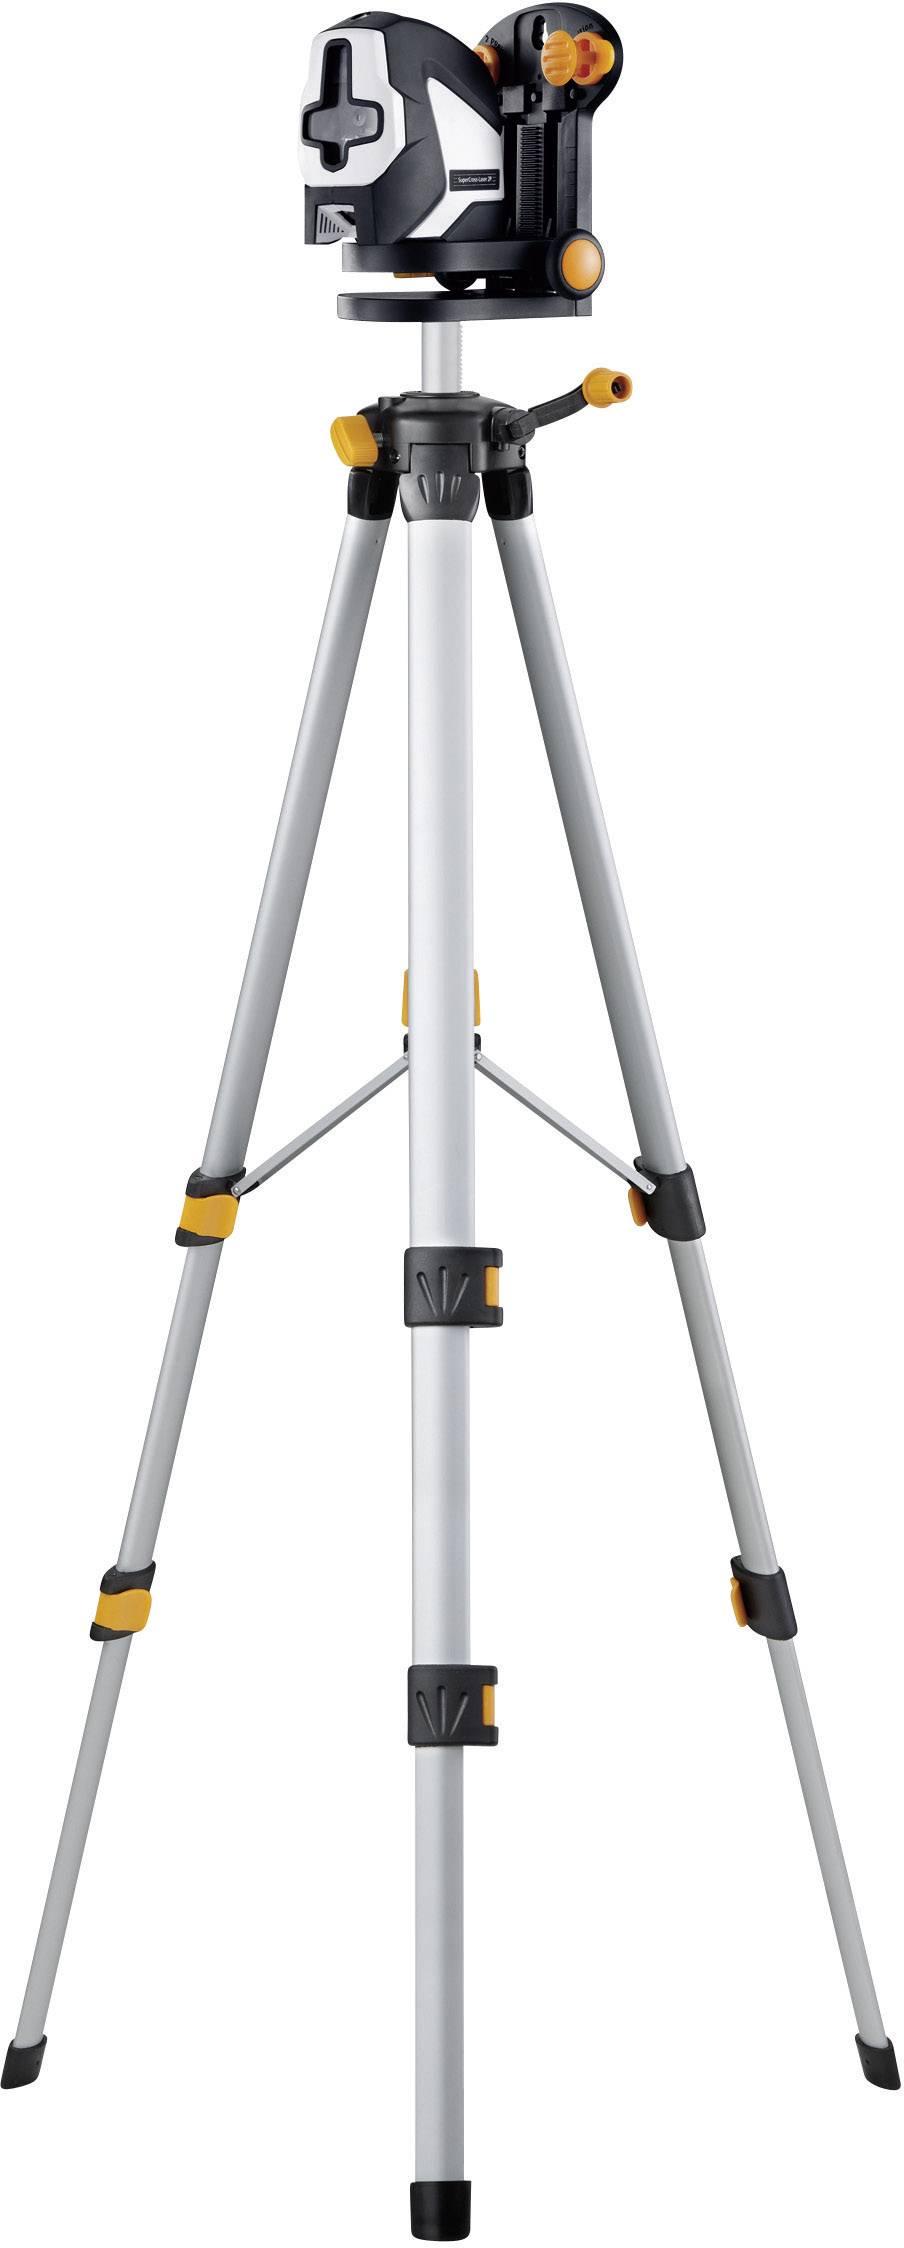 Křížový laser samonivelační, vč. stativu Laserliner SuperCross-Laser 2P RX Set 150, dosah (max.): 20 m, Kalibrováno dle: bez certifikátu